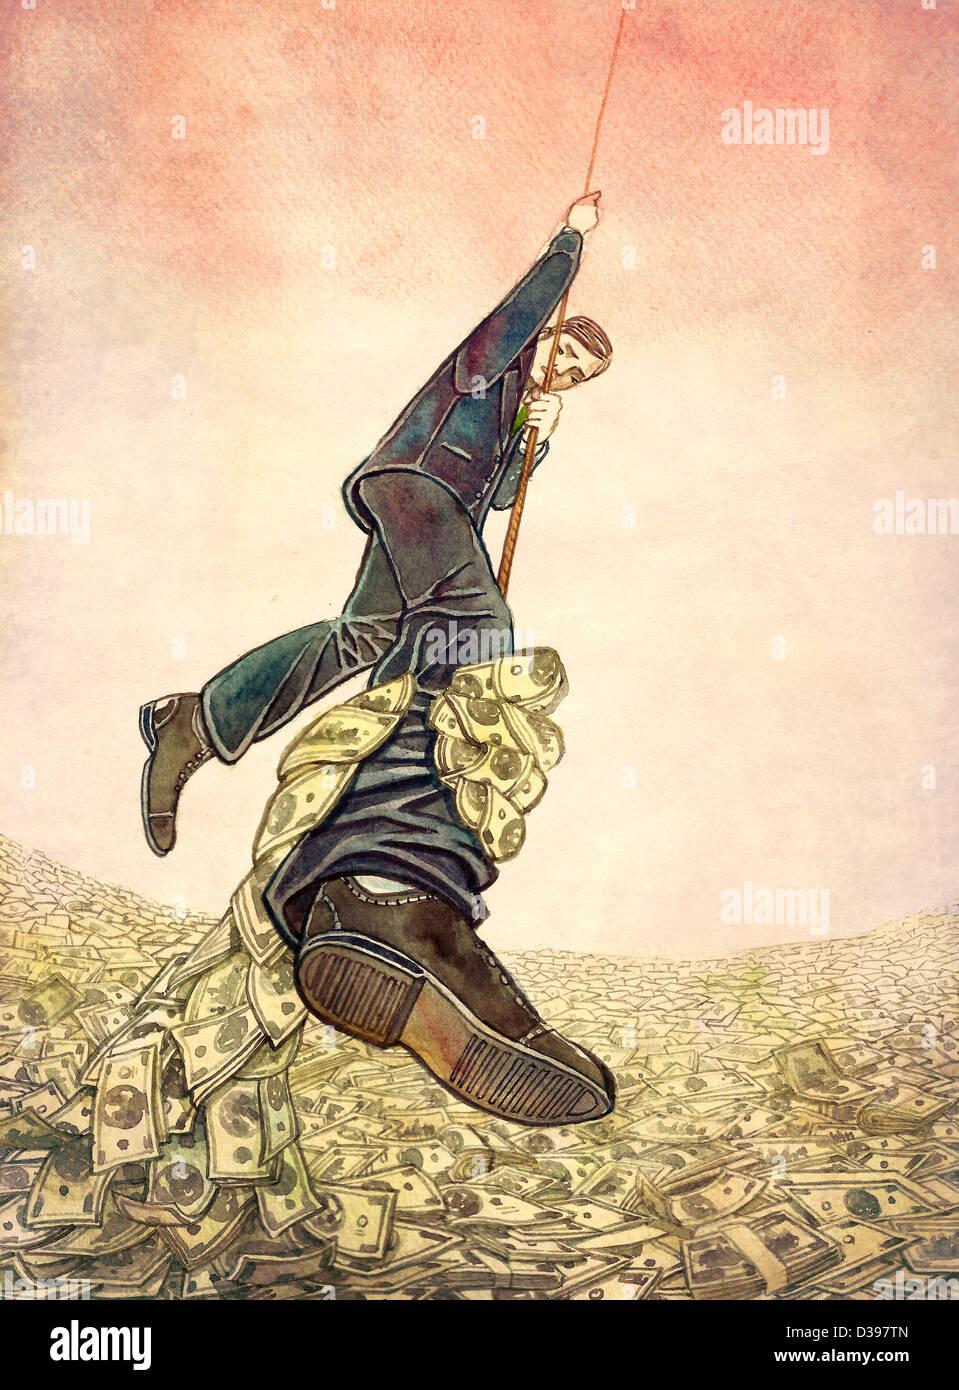 Geschäftsmann Seil hängen, während Geld Hand greifen aus Bein Darstellung Mann Widerstand gegen Schulden Stockbild